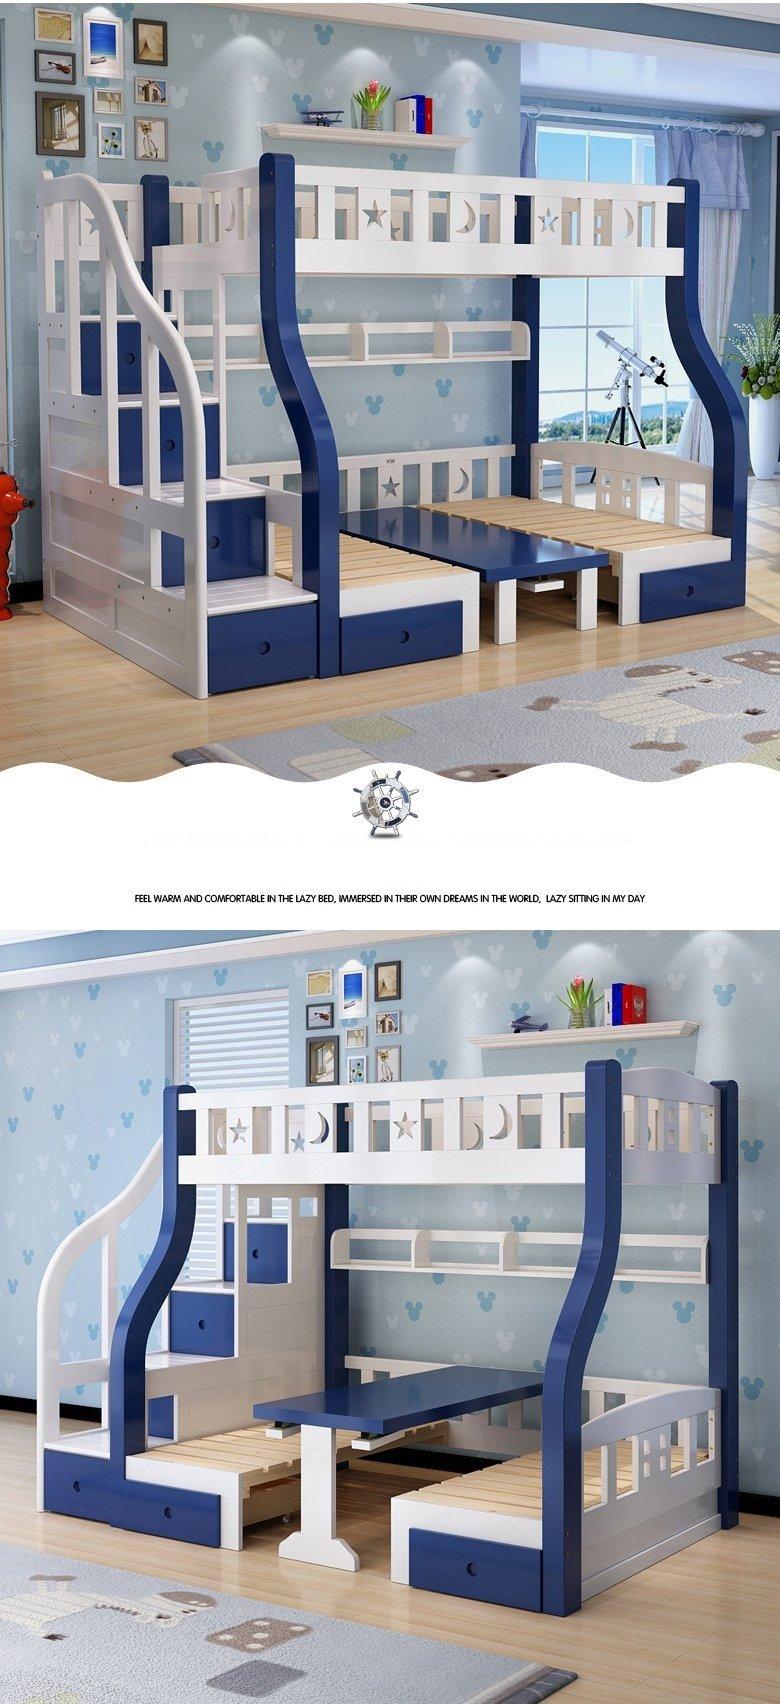 Mẫu giường tầng cho bé thông minh đa năng GTE048 7